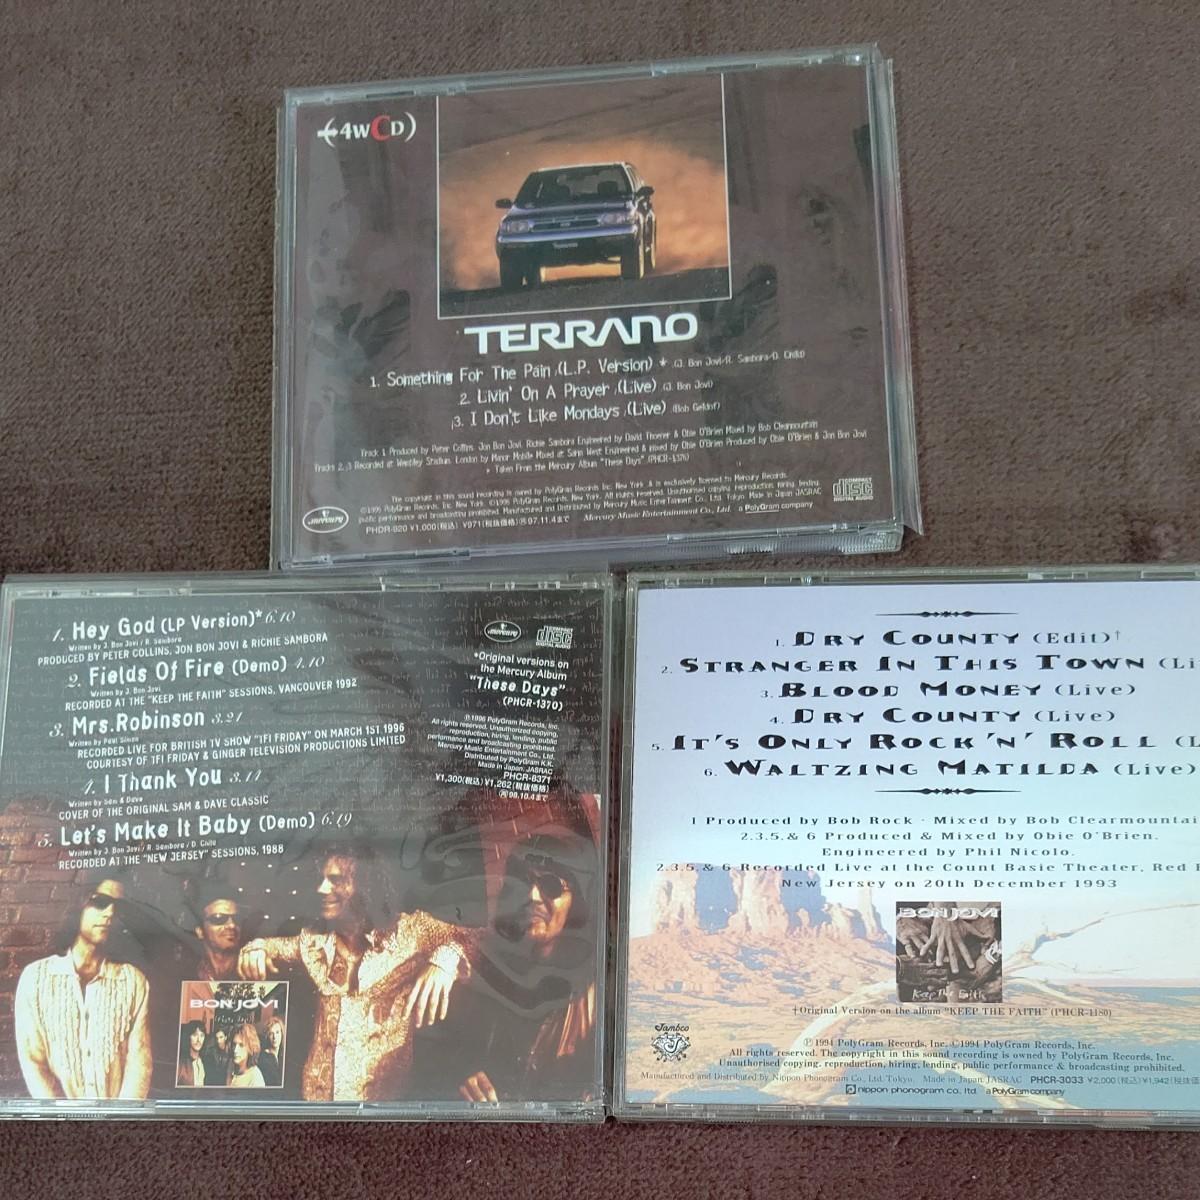 BON JOVI ボン・ジョヴィ CD 3枚セット DRY COUNTY